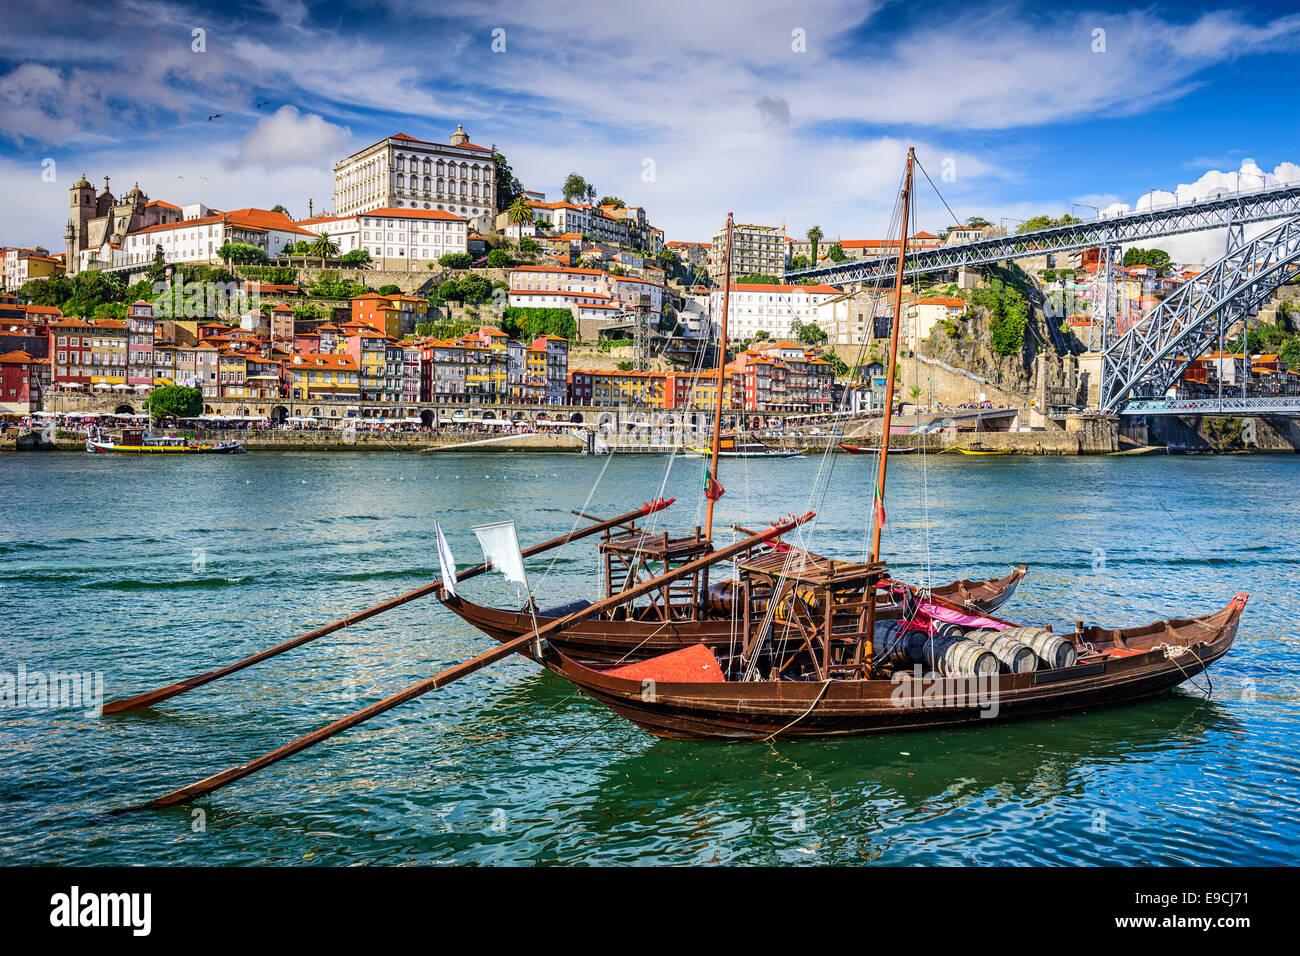 Porto, Portugal paisaje urbano sobre el río Duero. Imagen De Stock